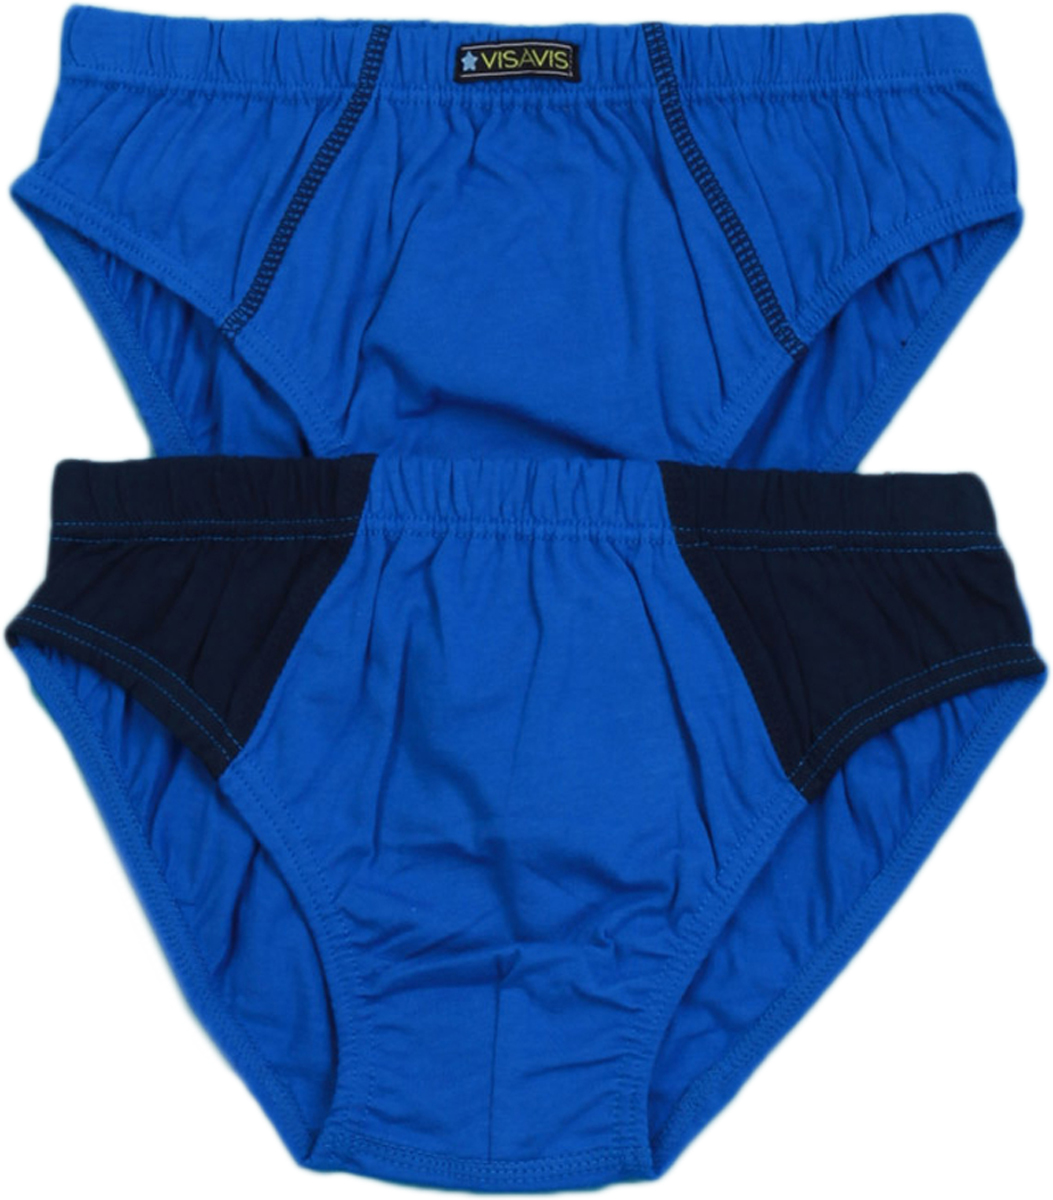 Трусы-слипы для мальчика Vis-A-Vis, цвет: синий, 2 шт. KS14-026. Размер XL (140/146) трусы слипы розовые 140 см